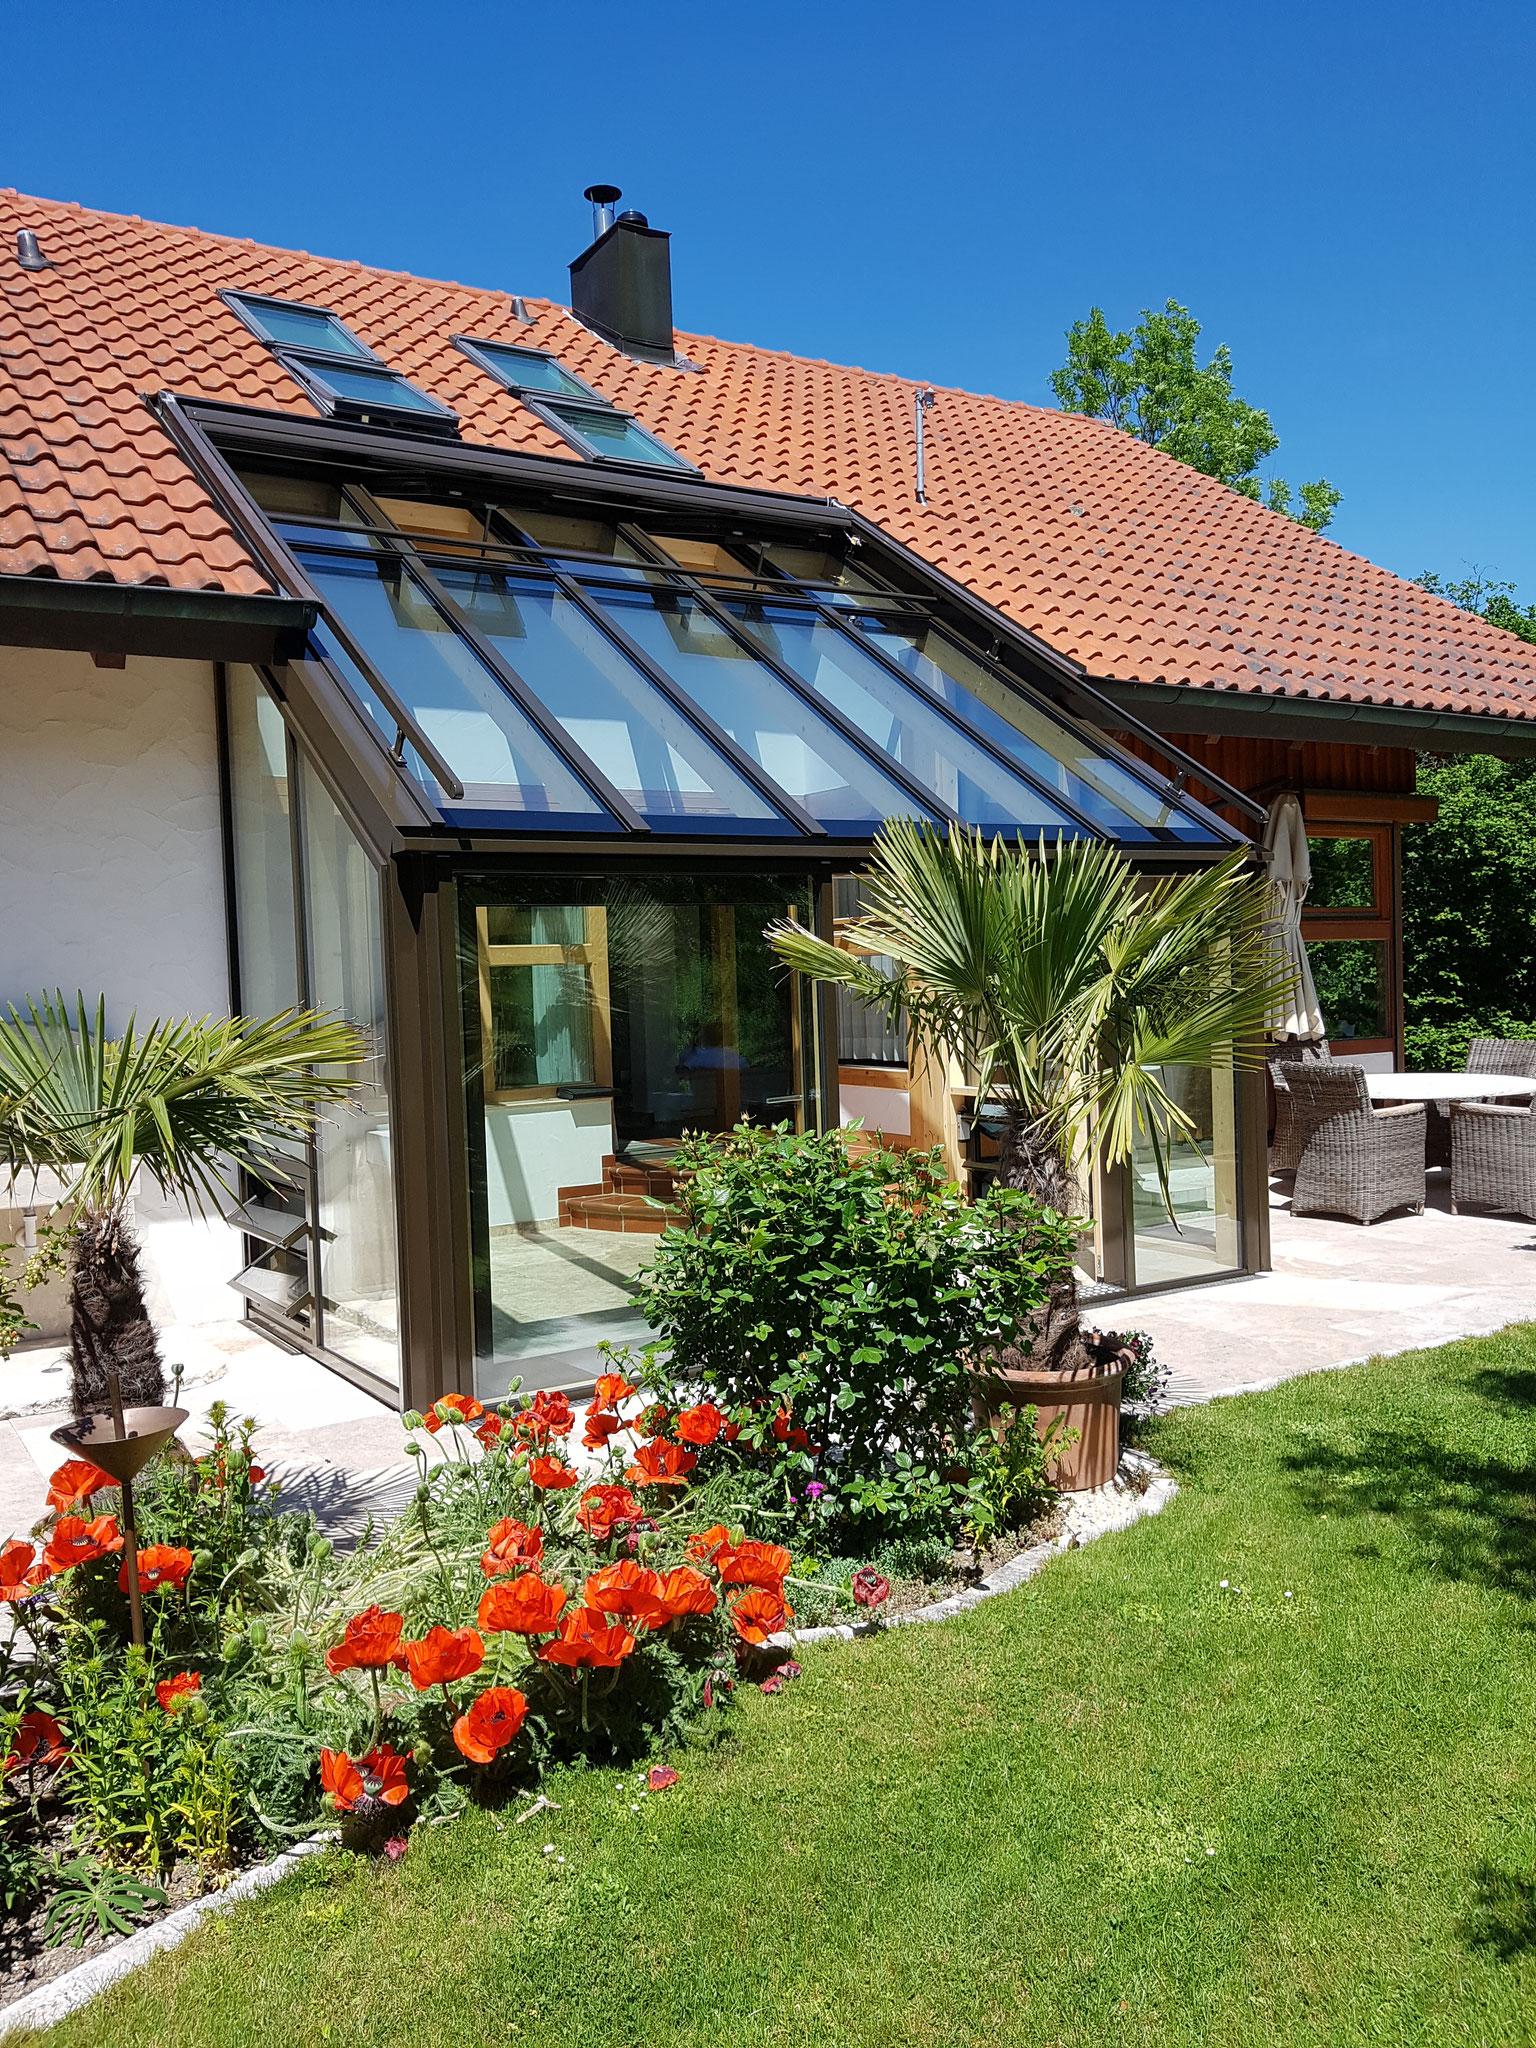 Modernisierung durch neue Farbgebung passend zum Haus